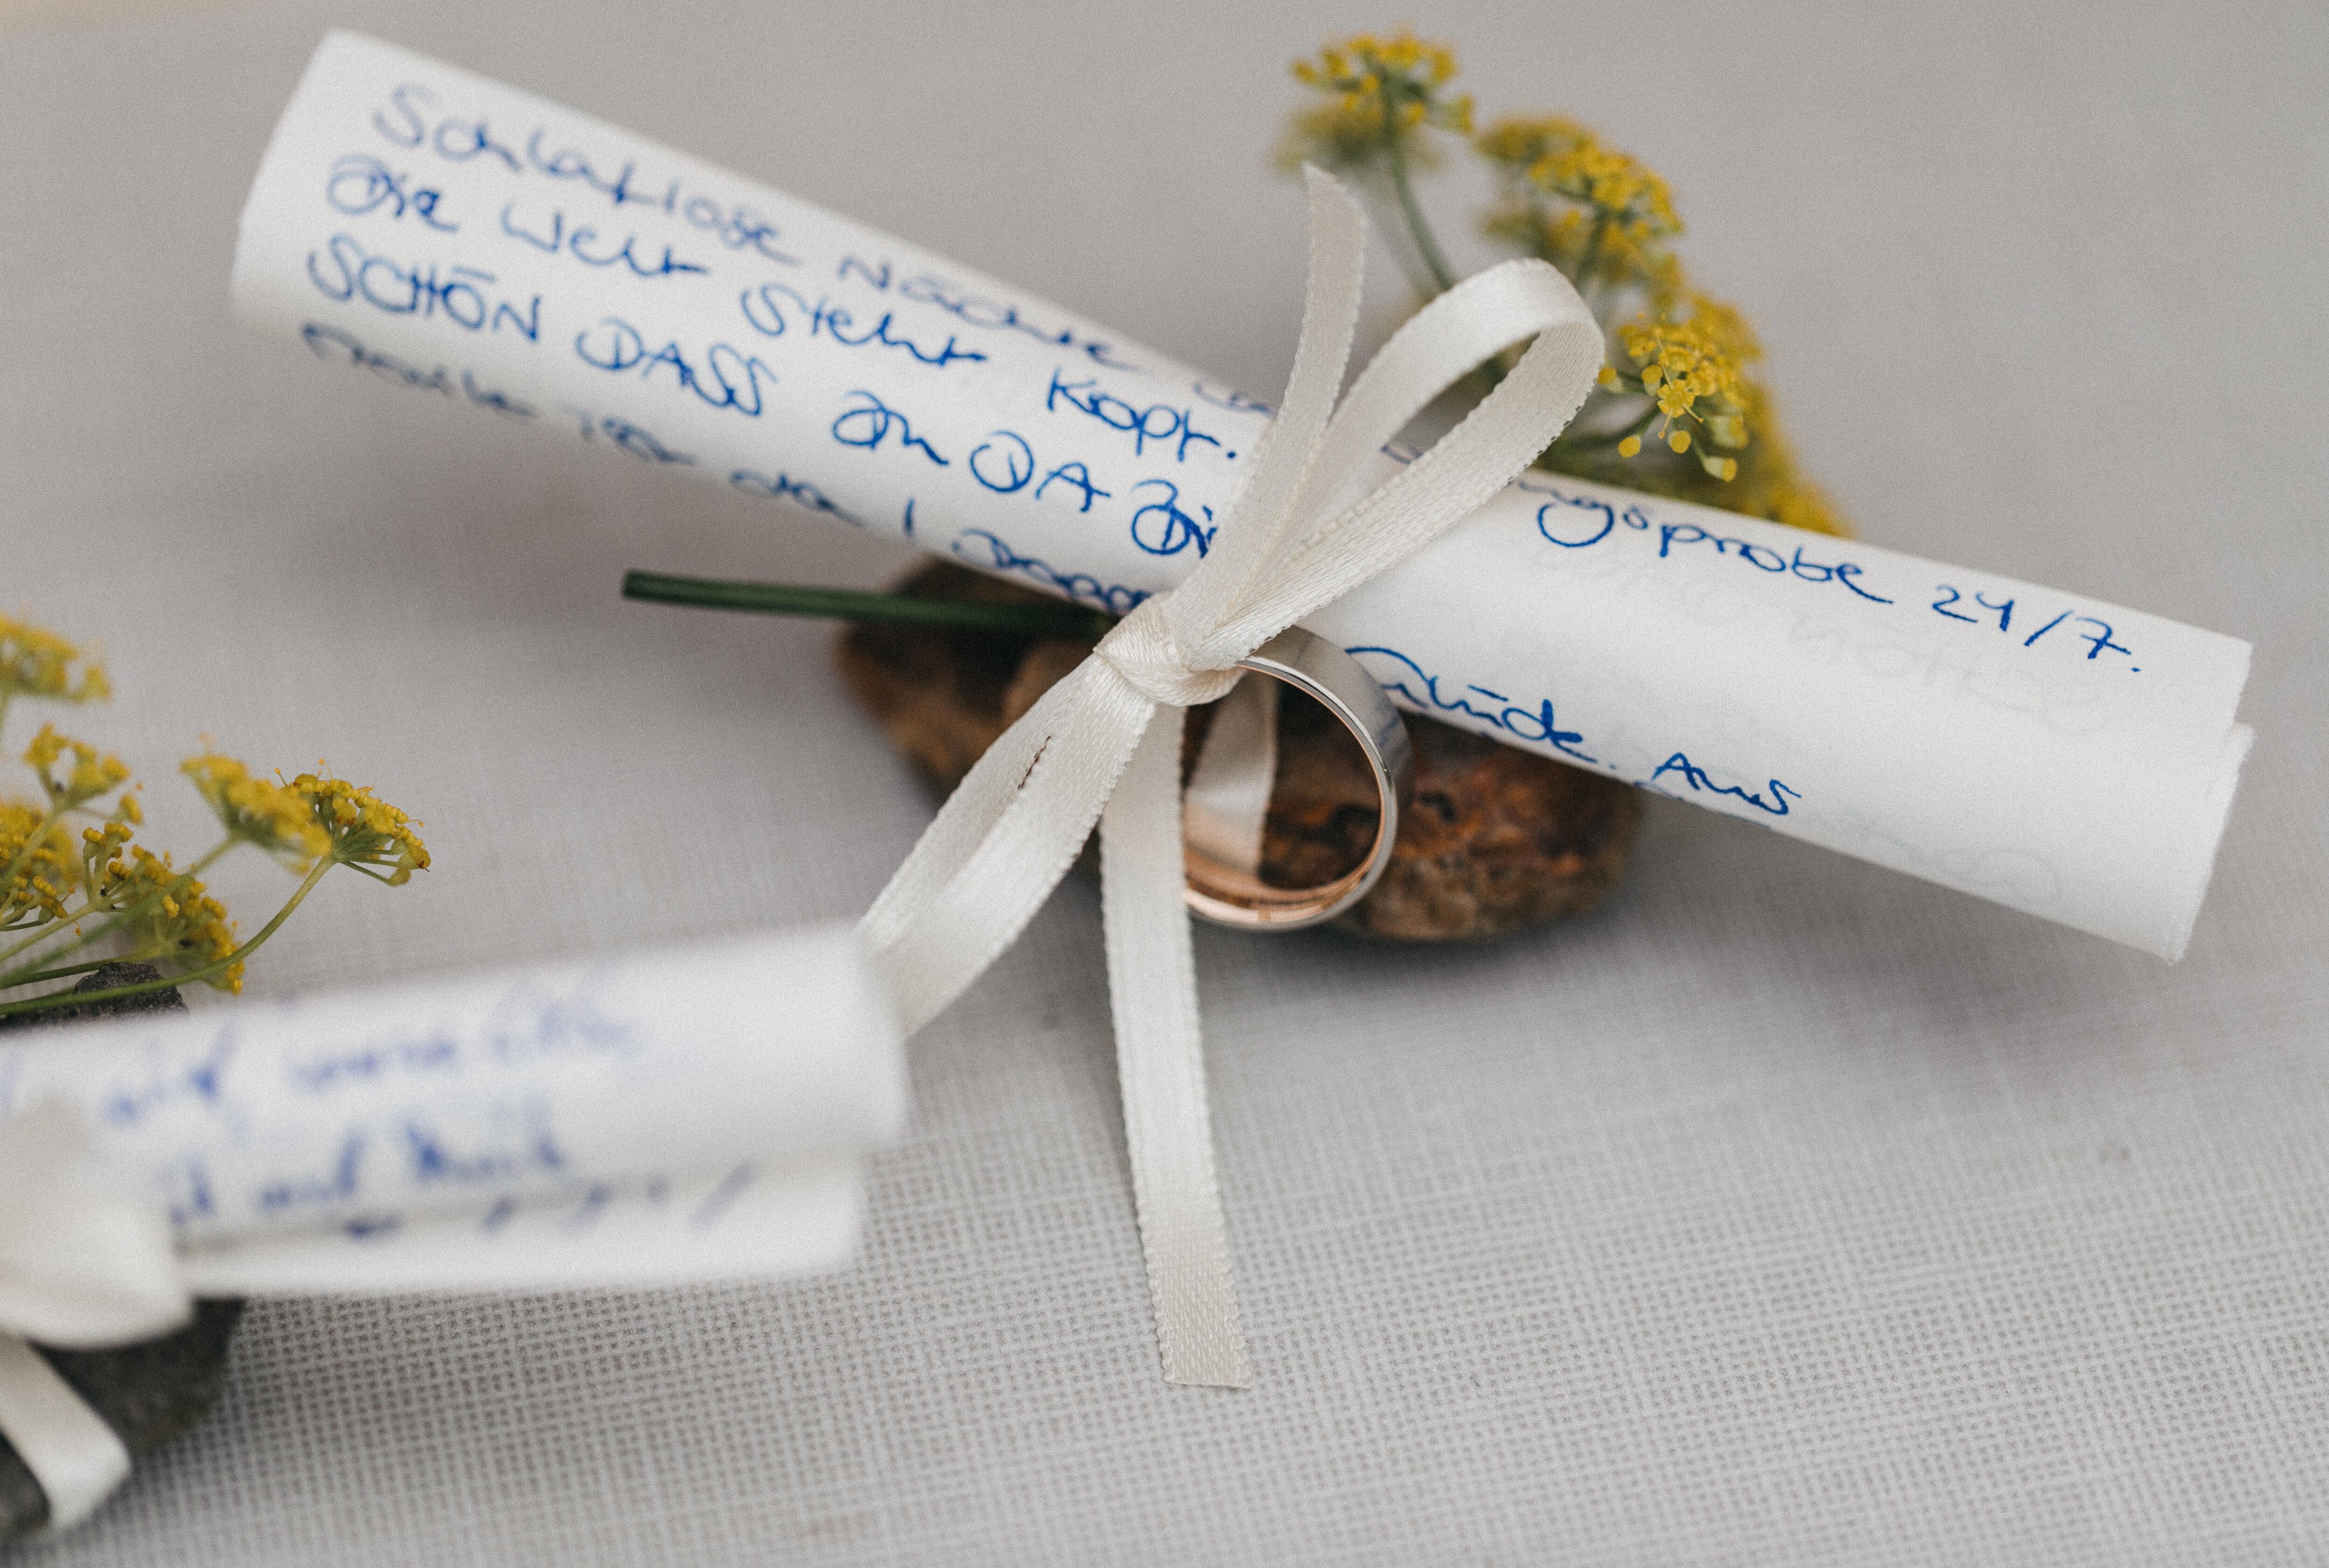 Eheversprechen schreiben   Inspiration und Beratung   Strauß & Fliege